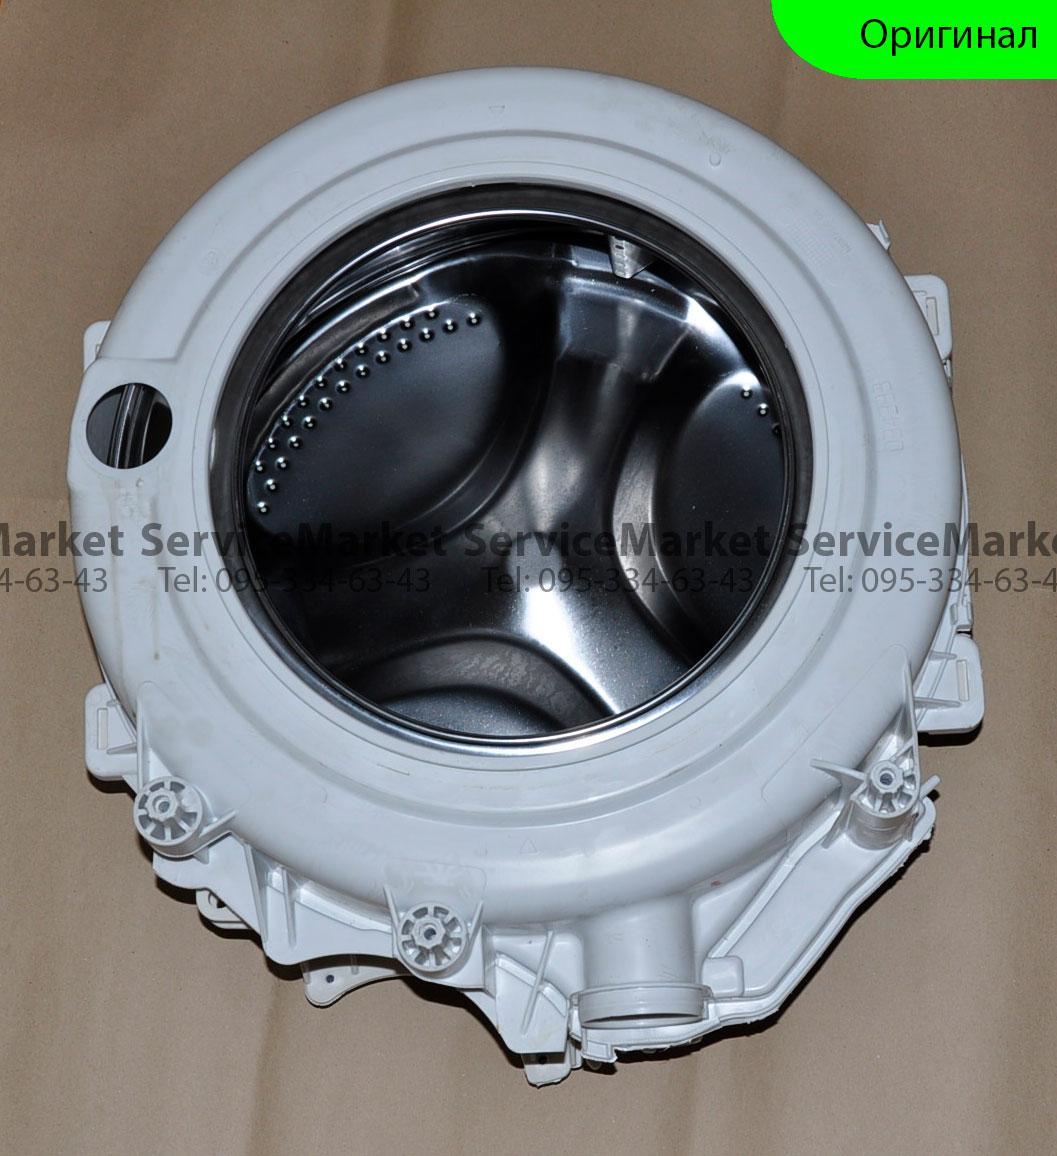 Бак в сборе для стиральной машины Indesit (Индезит) без амортизаторов C00293409Оригинал